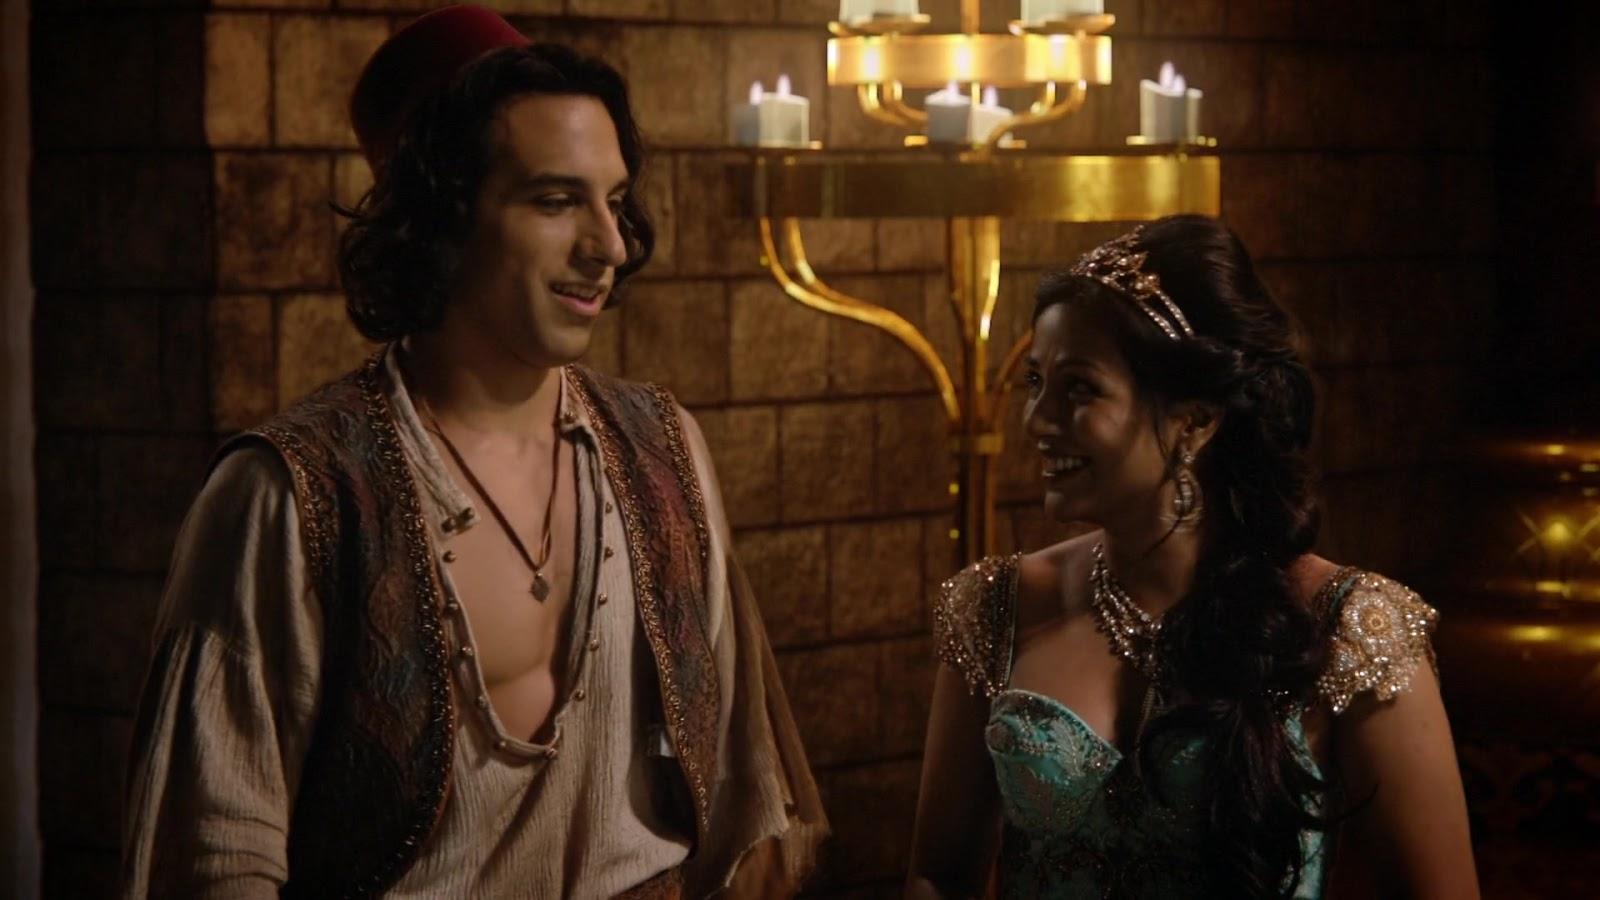 Once Upon a Time 6x05. Aladdin y Jasmine tras liberar al Sultán del hechizo de Jafar